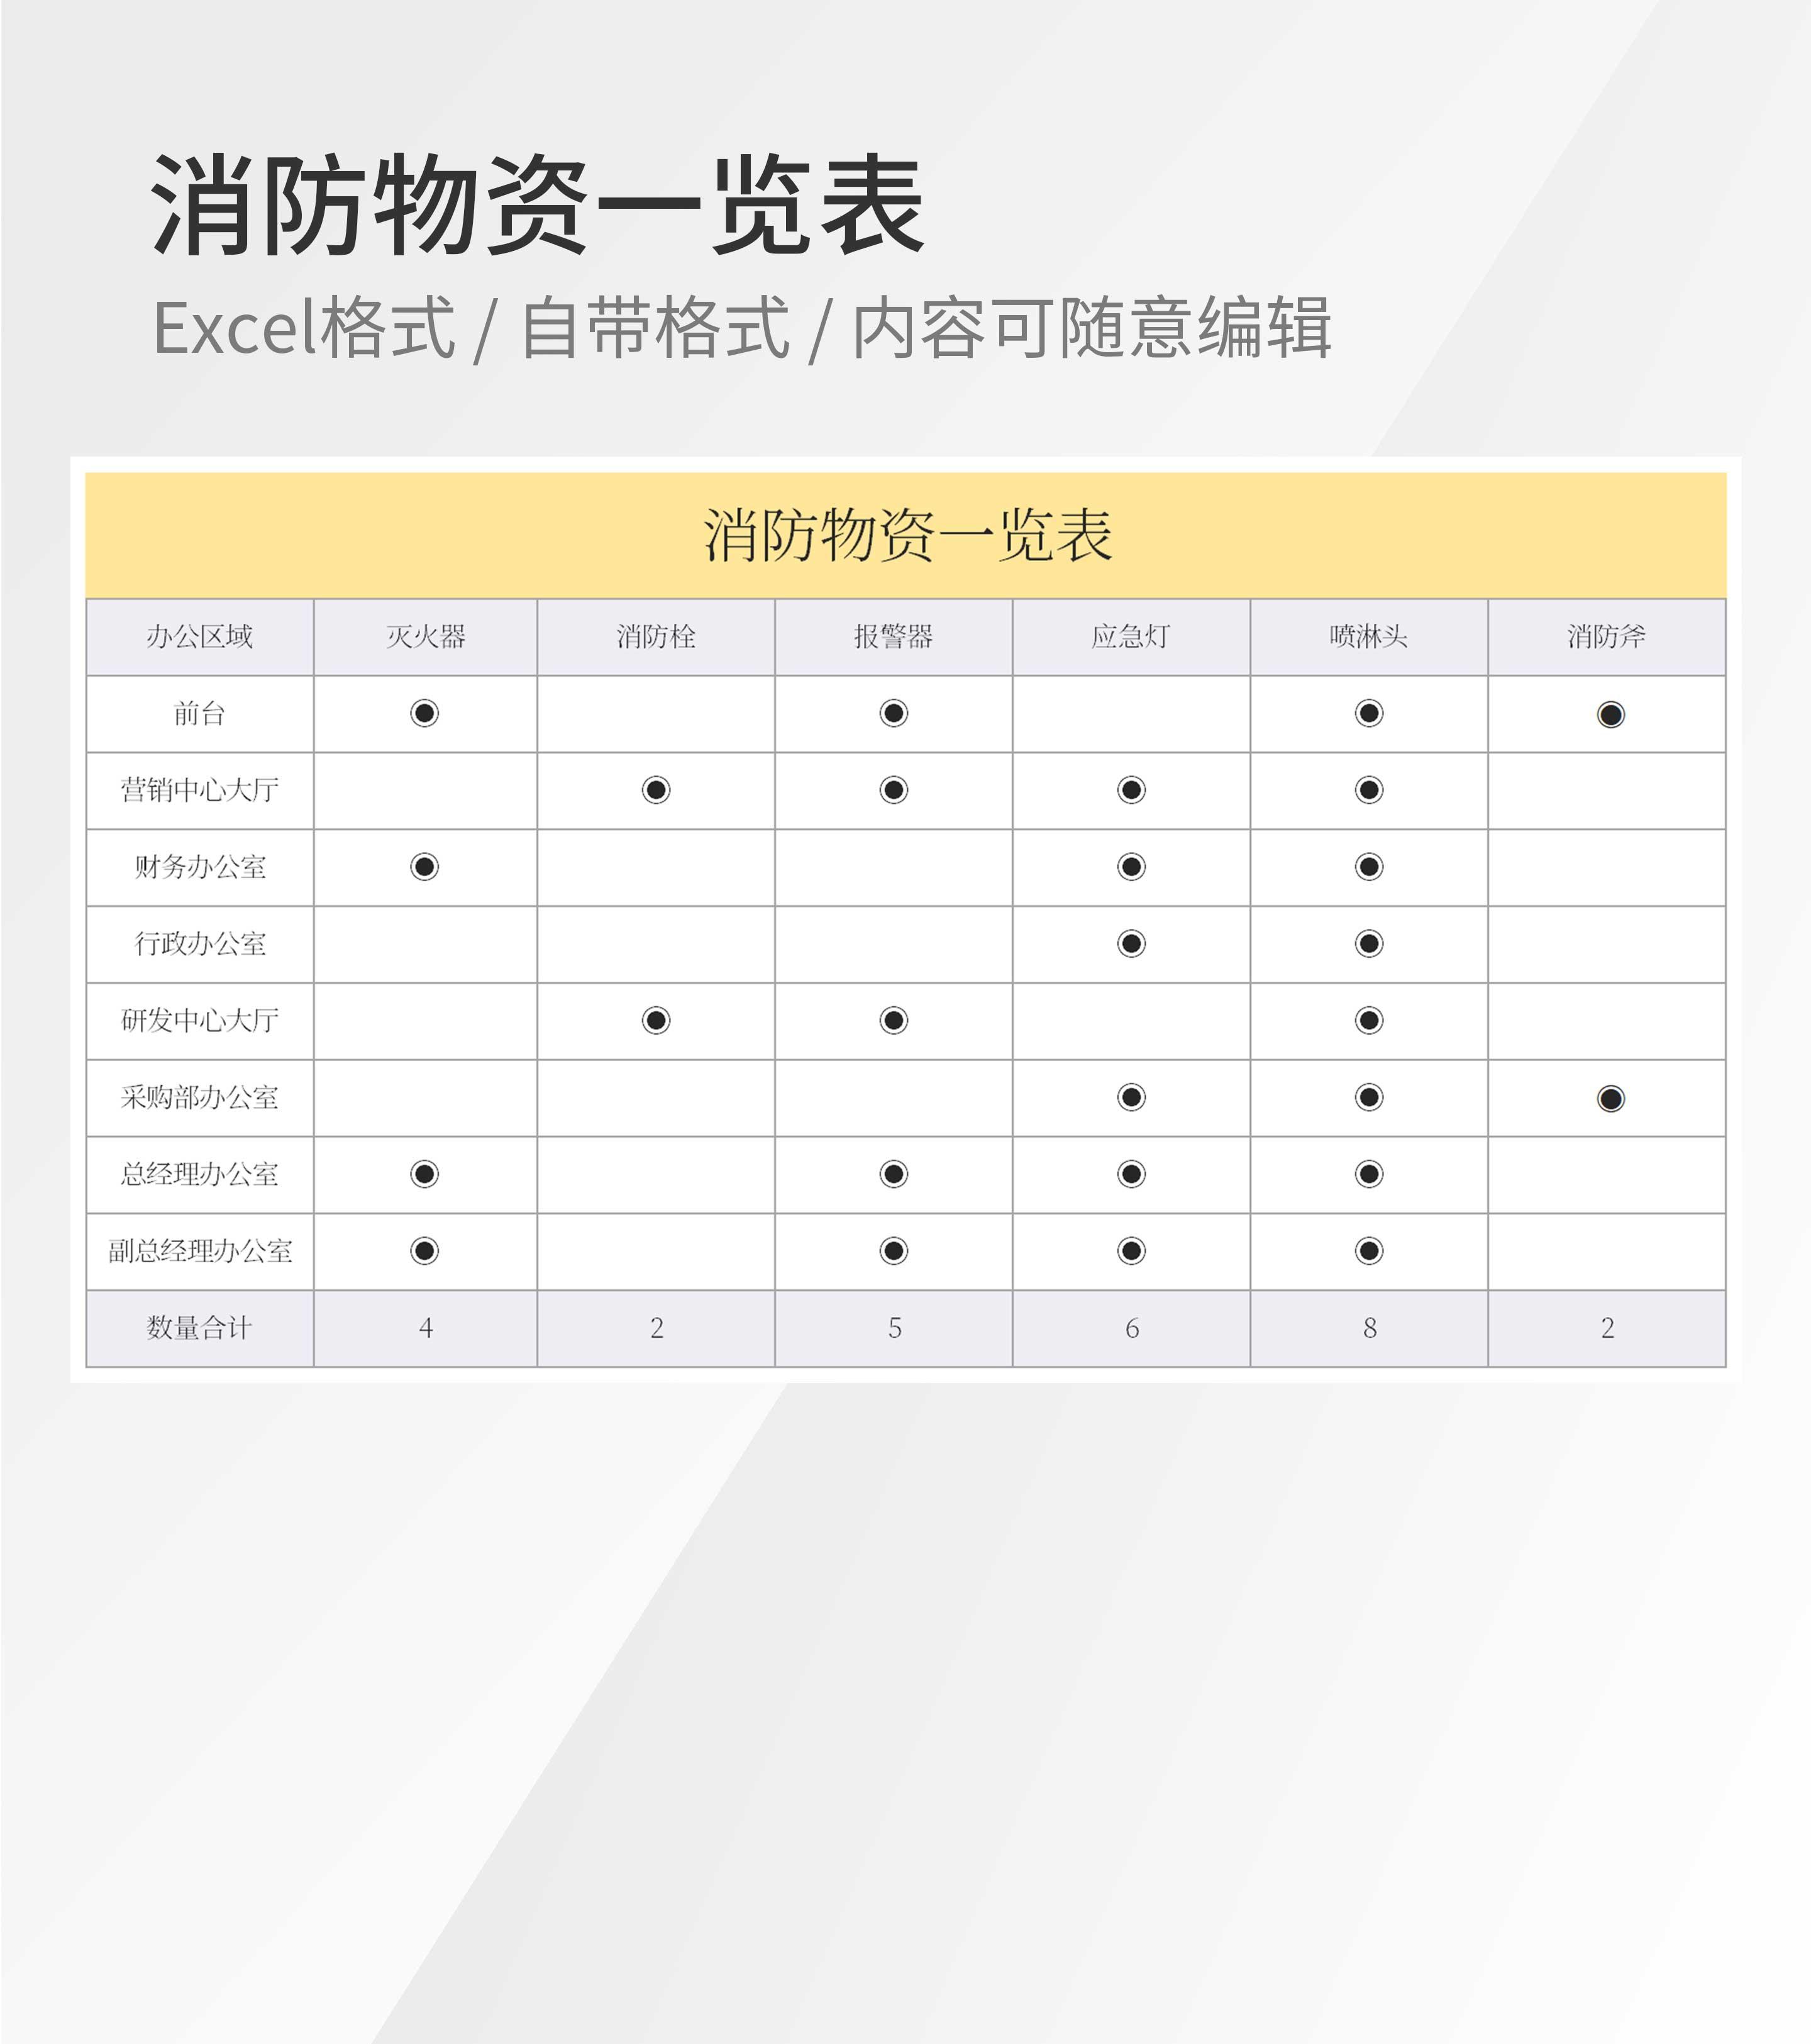 公司办公区消防物资一览表Excel模板